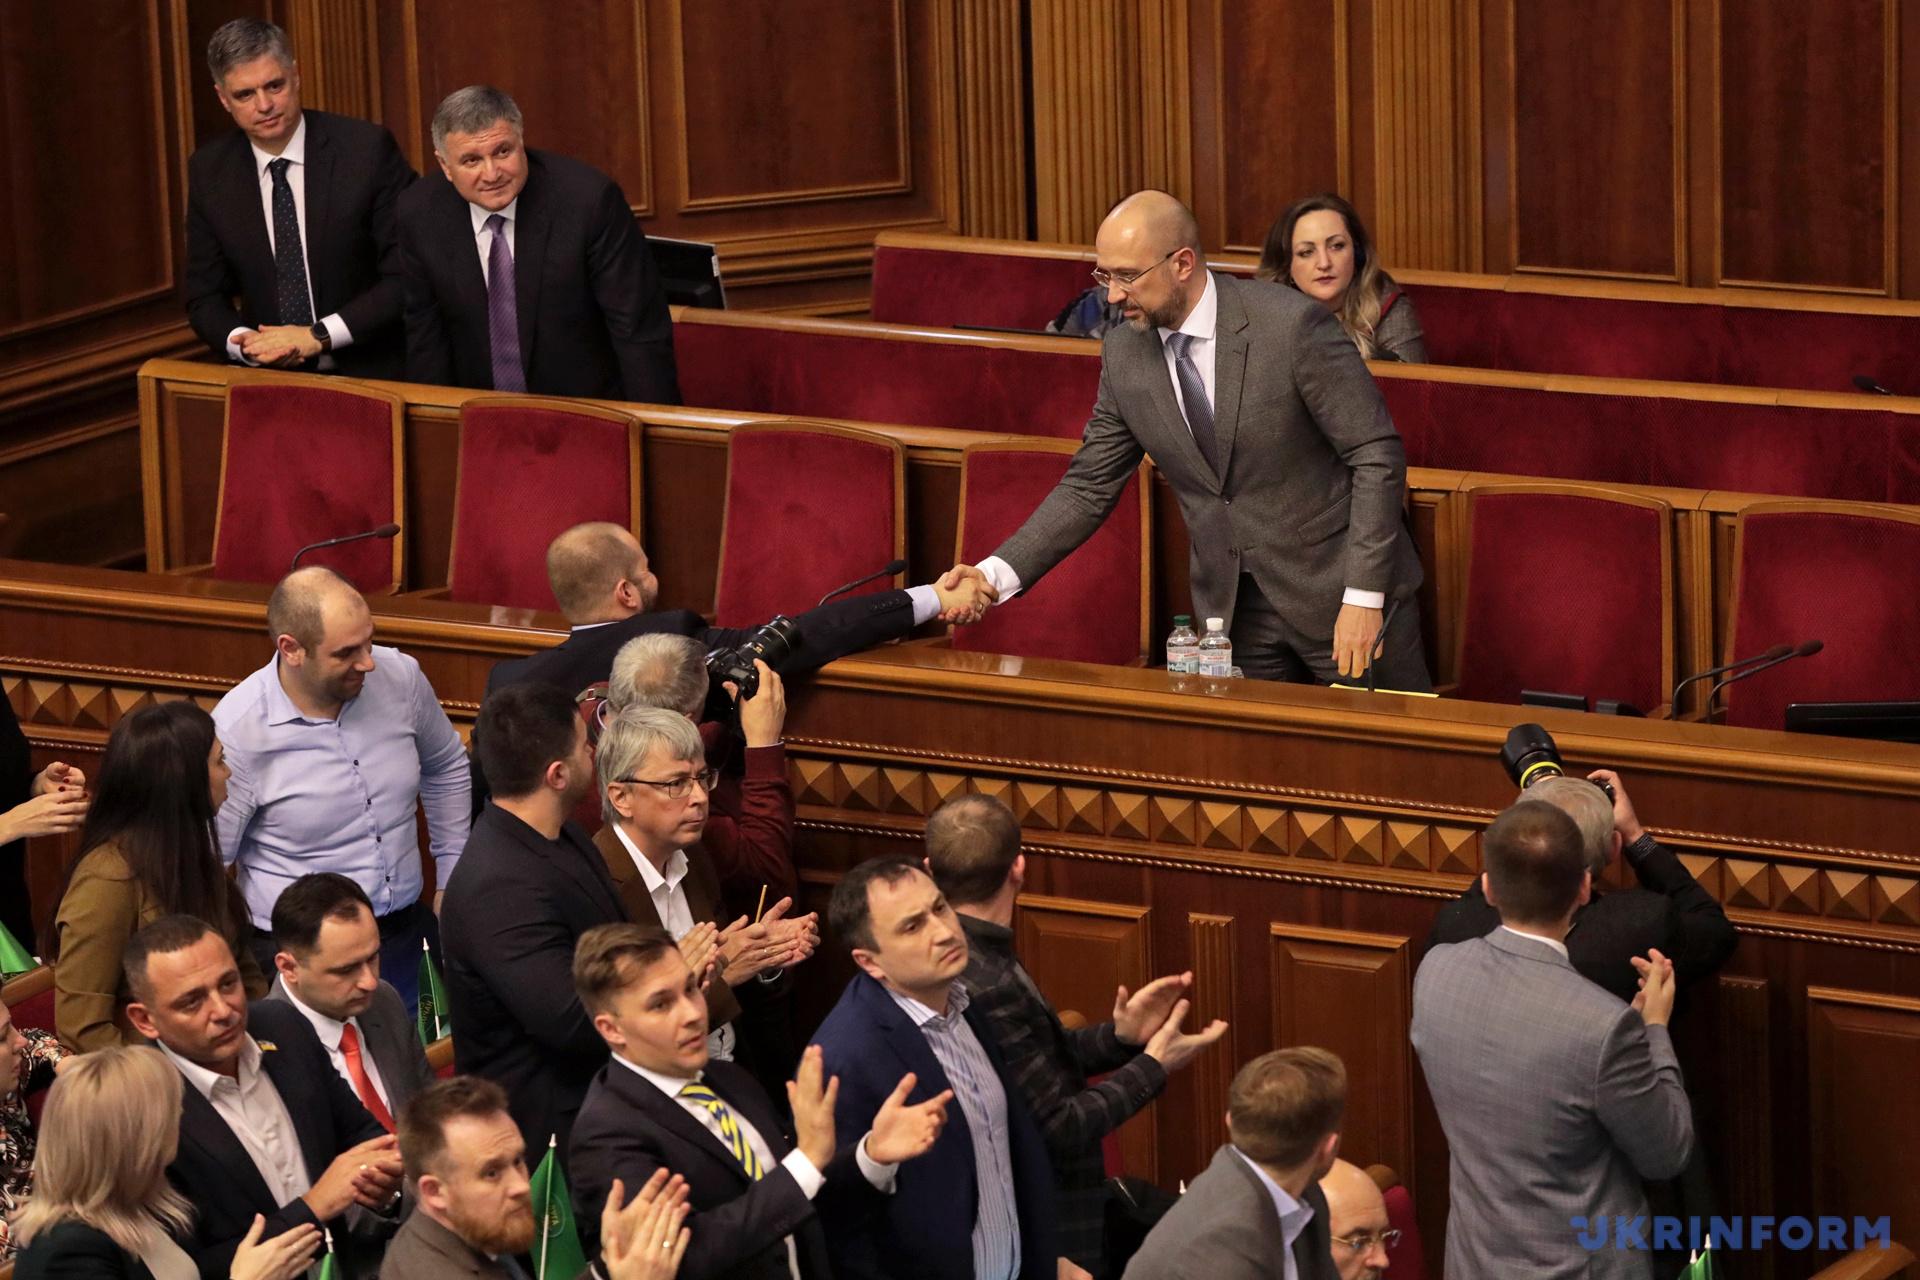 Депутаты поздравляют Дениса Шмыгаля с назначением на должность премьер-министра Украины / Фото: Геннадий Минченко. Укринформ